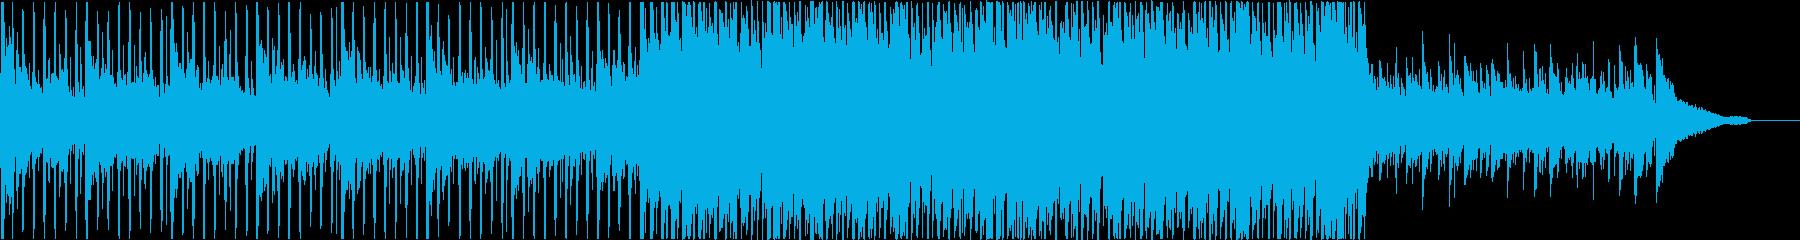 アコギ生演奏の明るく聞きやすいPOPSの再生済みの波形